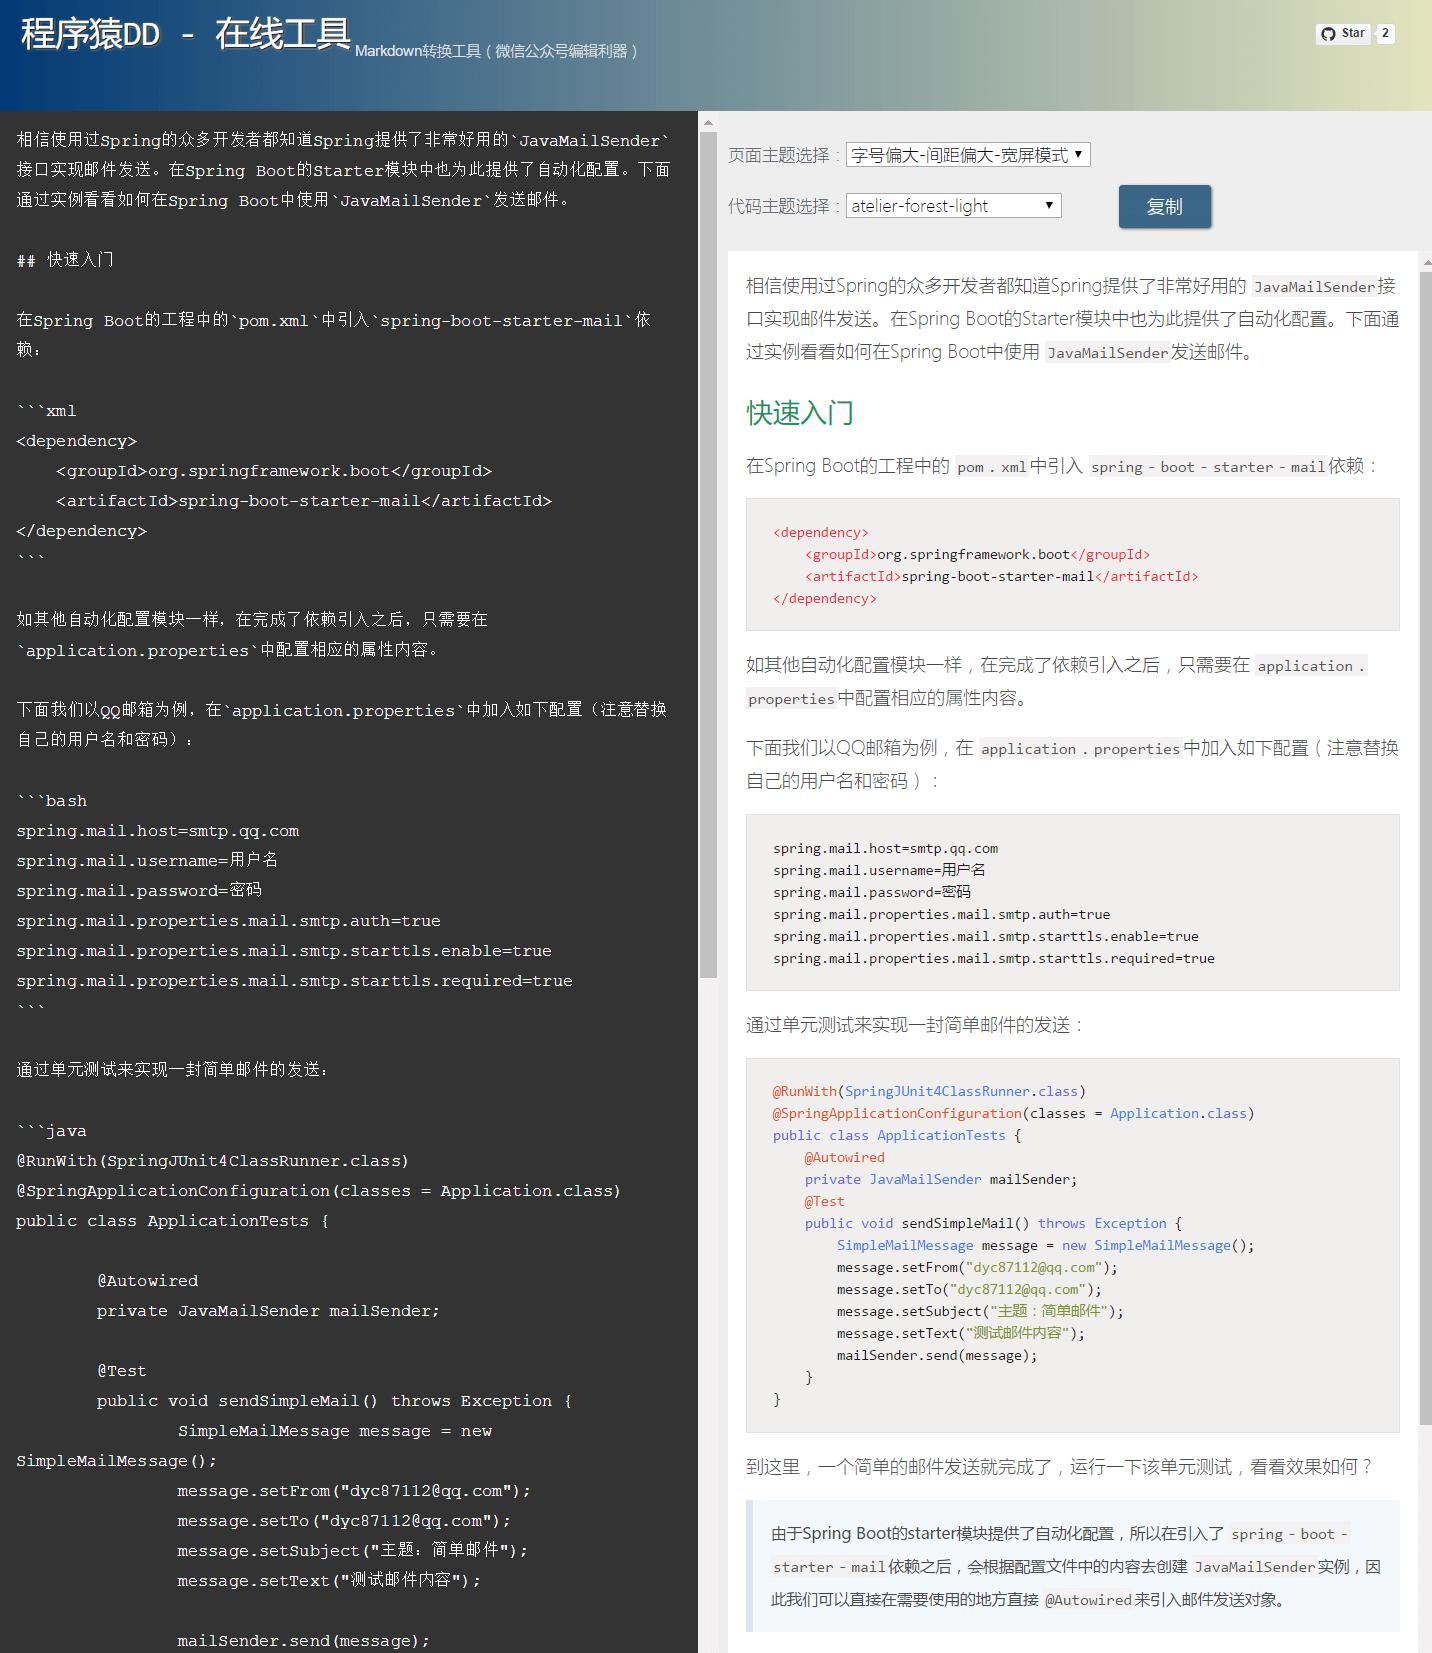 如何将Markdown文章轻松地搬运到微信公众号并完美地呈现代码内容